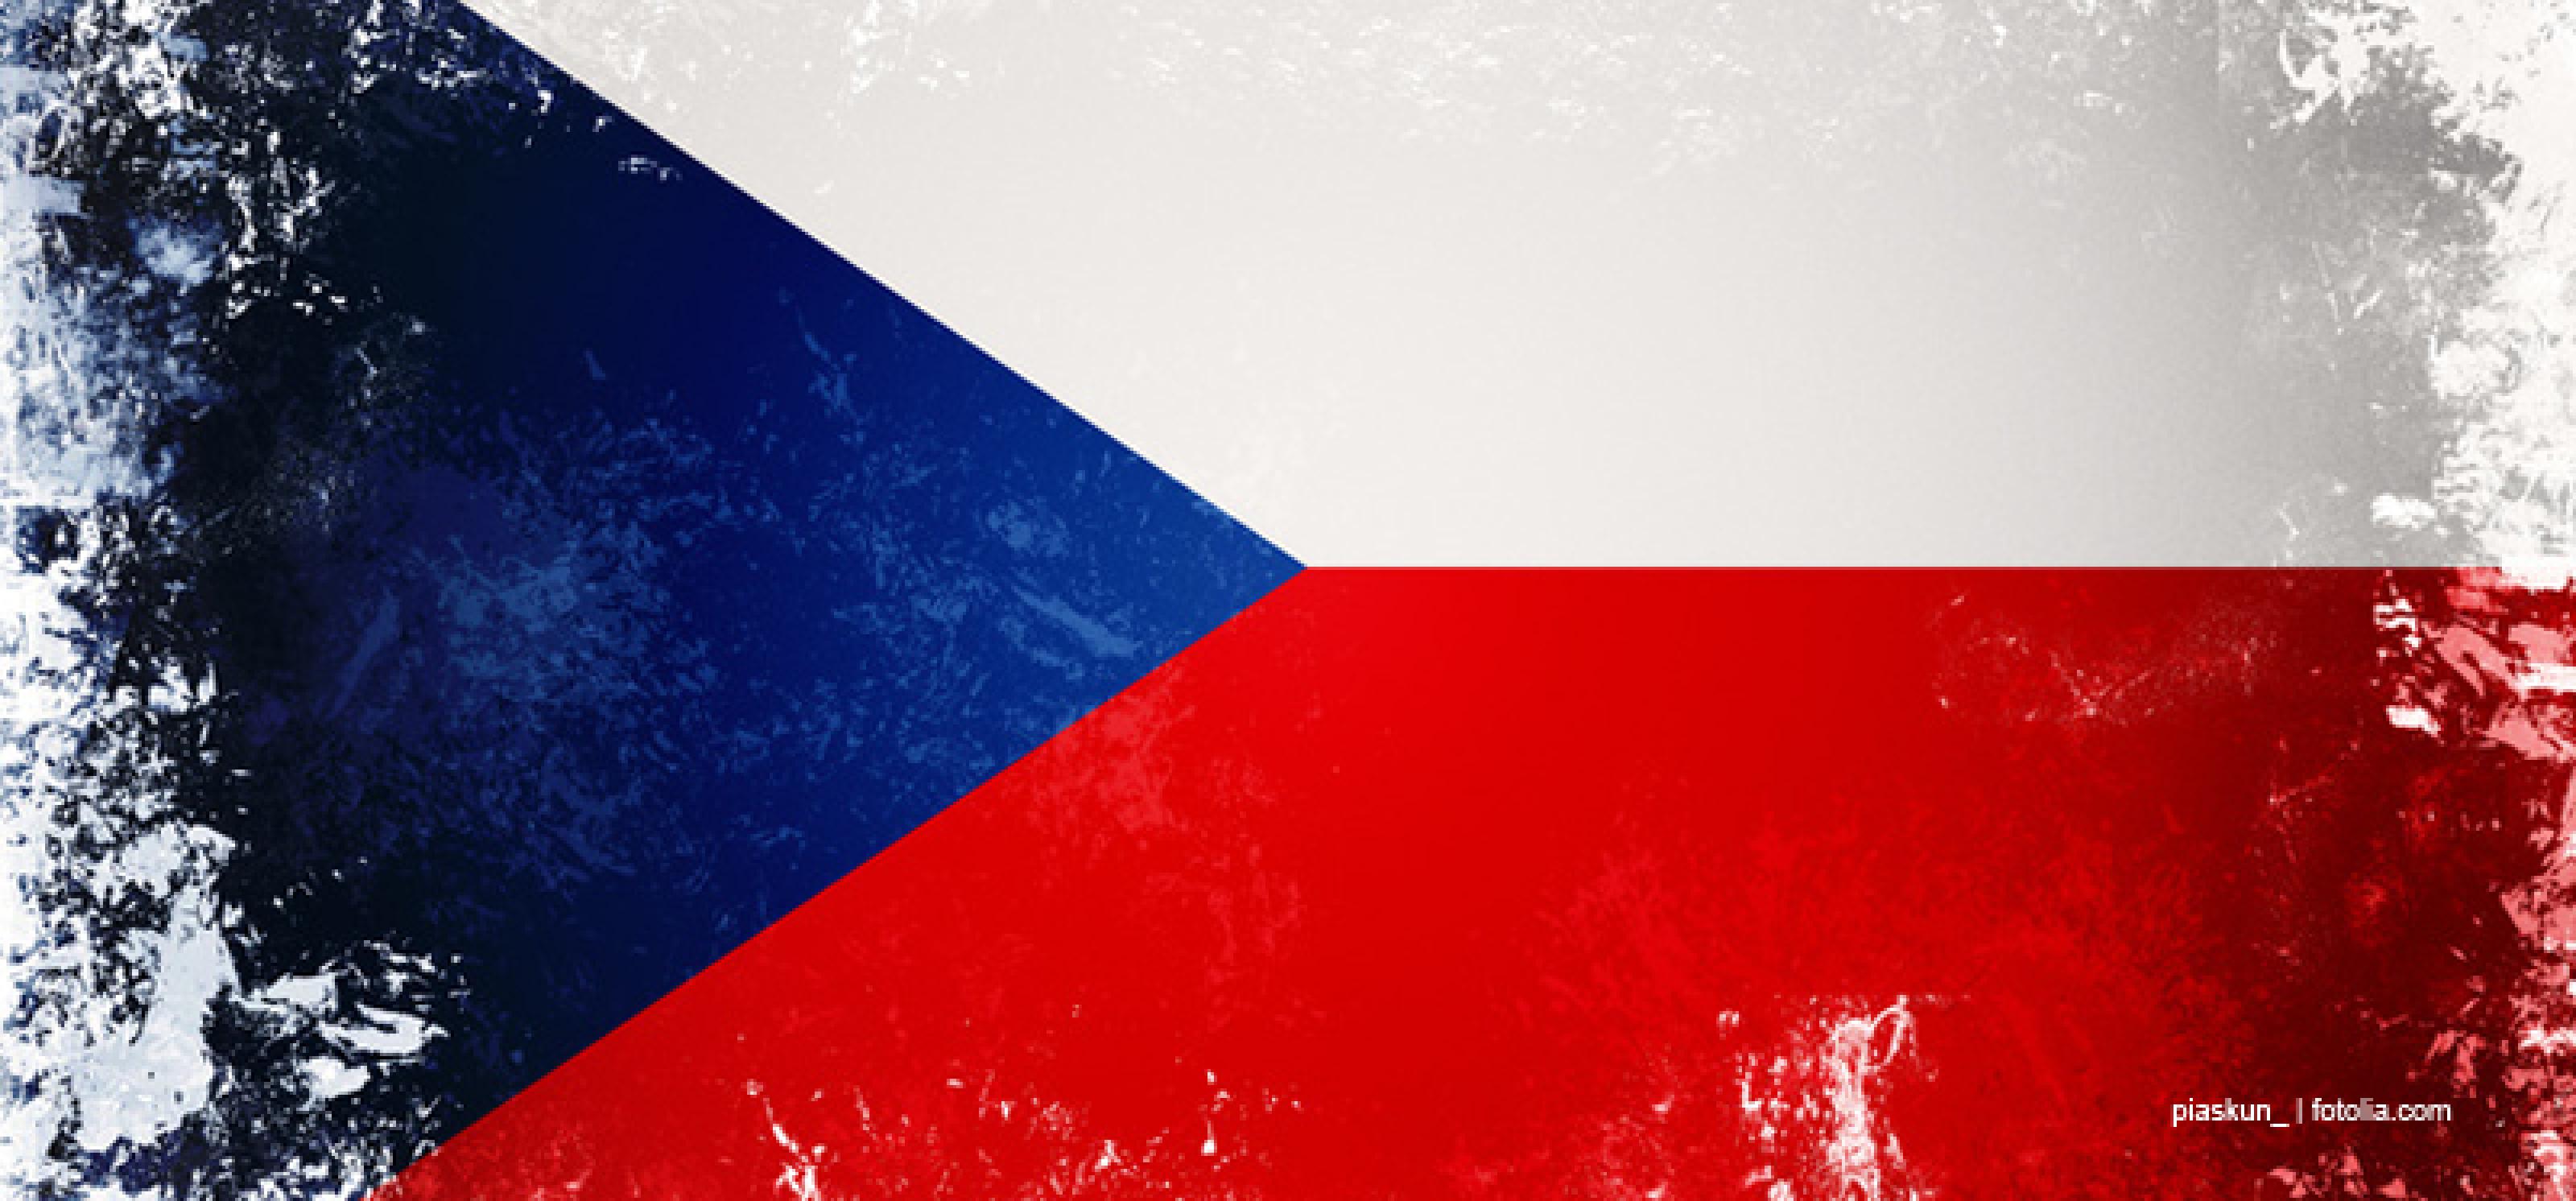 Tschechien puff HAUSSSERVICE